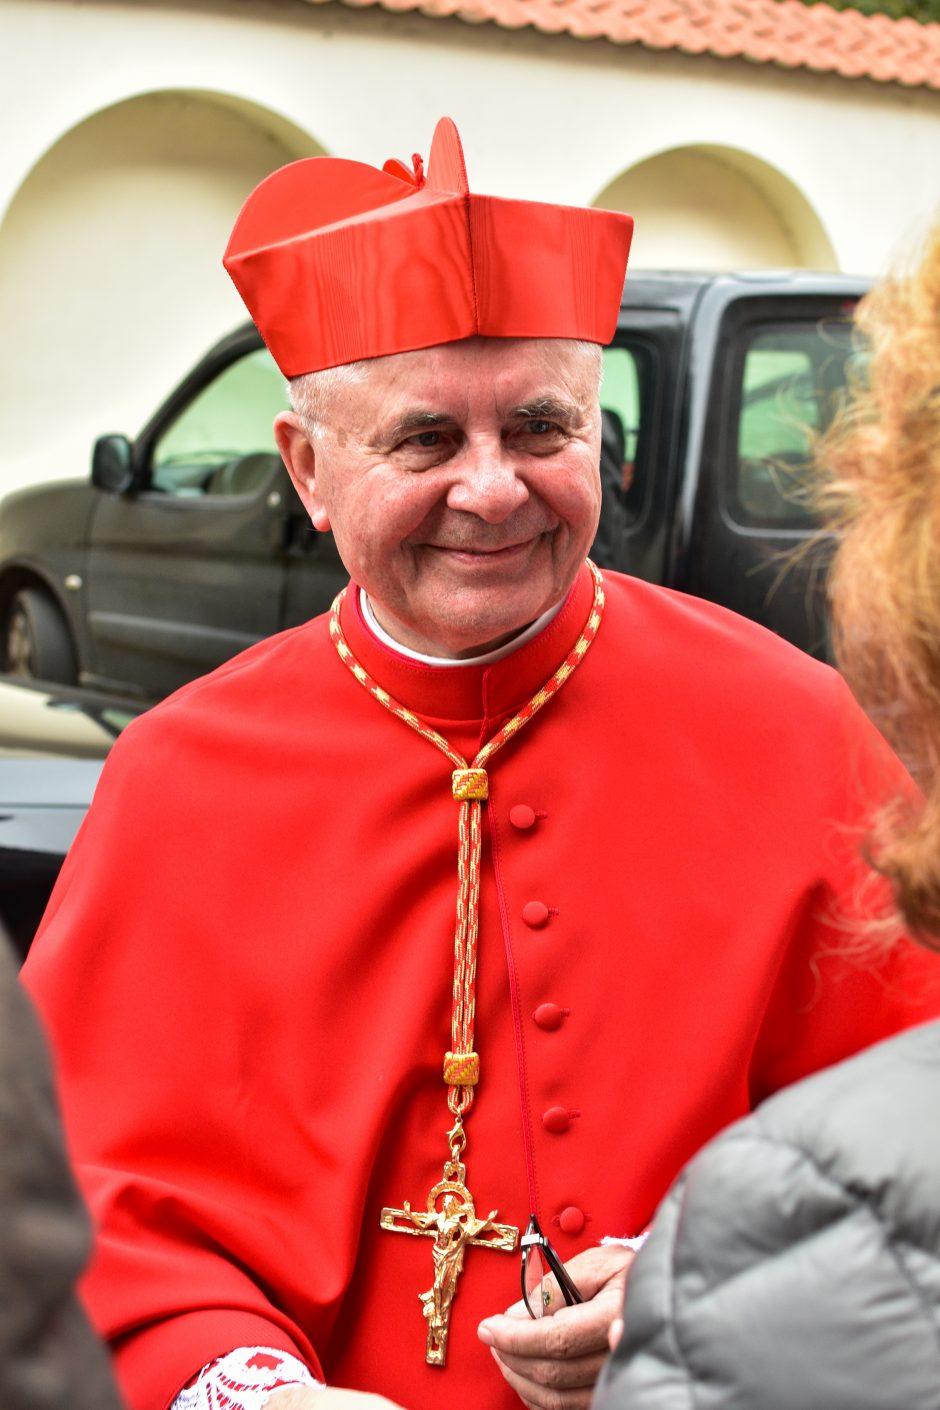 kardinolų prekybos galimybės feniksų prekybos strategija